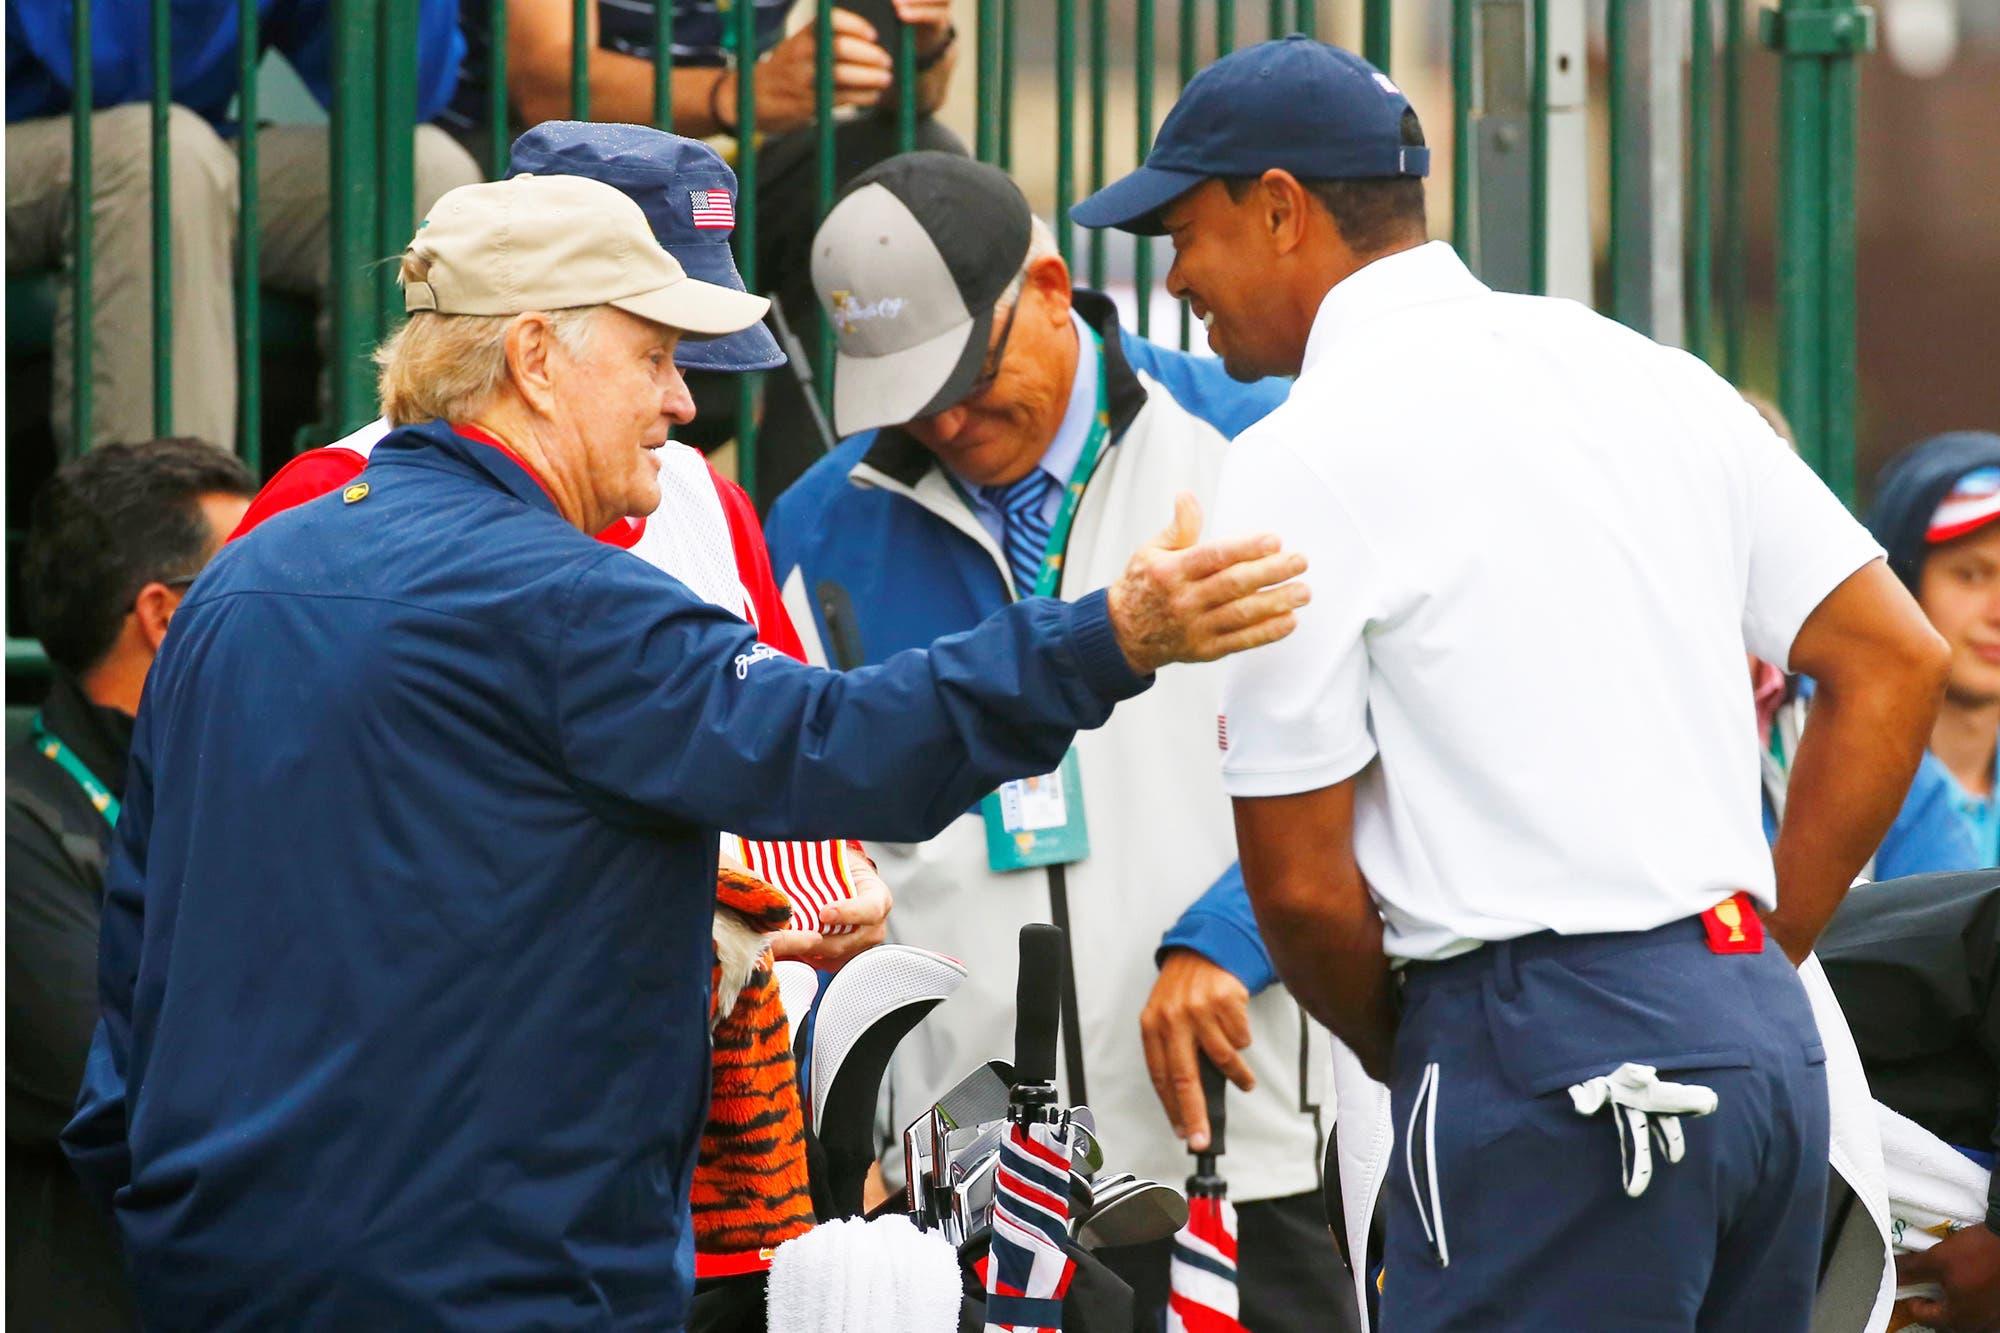 """De Jack Nicklaus sobre sus 18 majors y Tiger Woods: """"Nadie quiere que le rompan sus récords"""""""